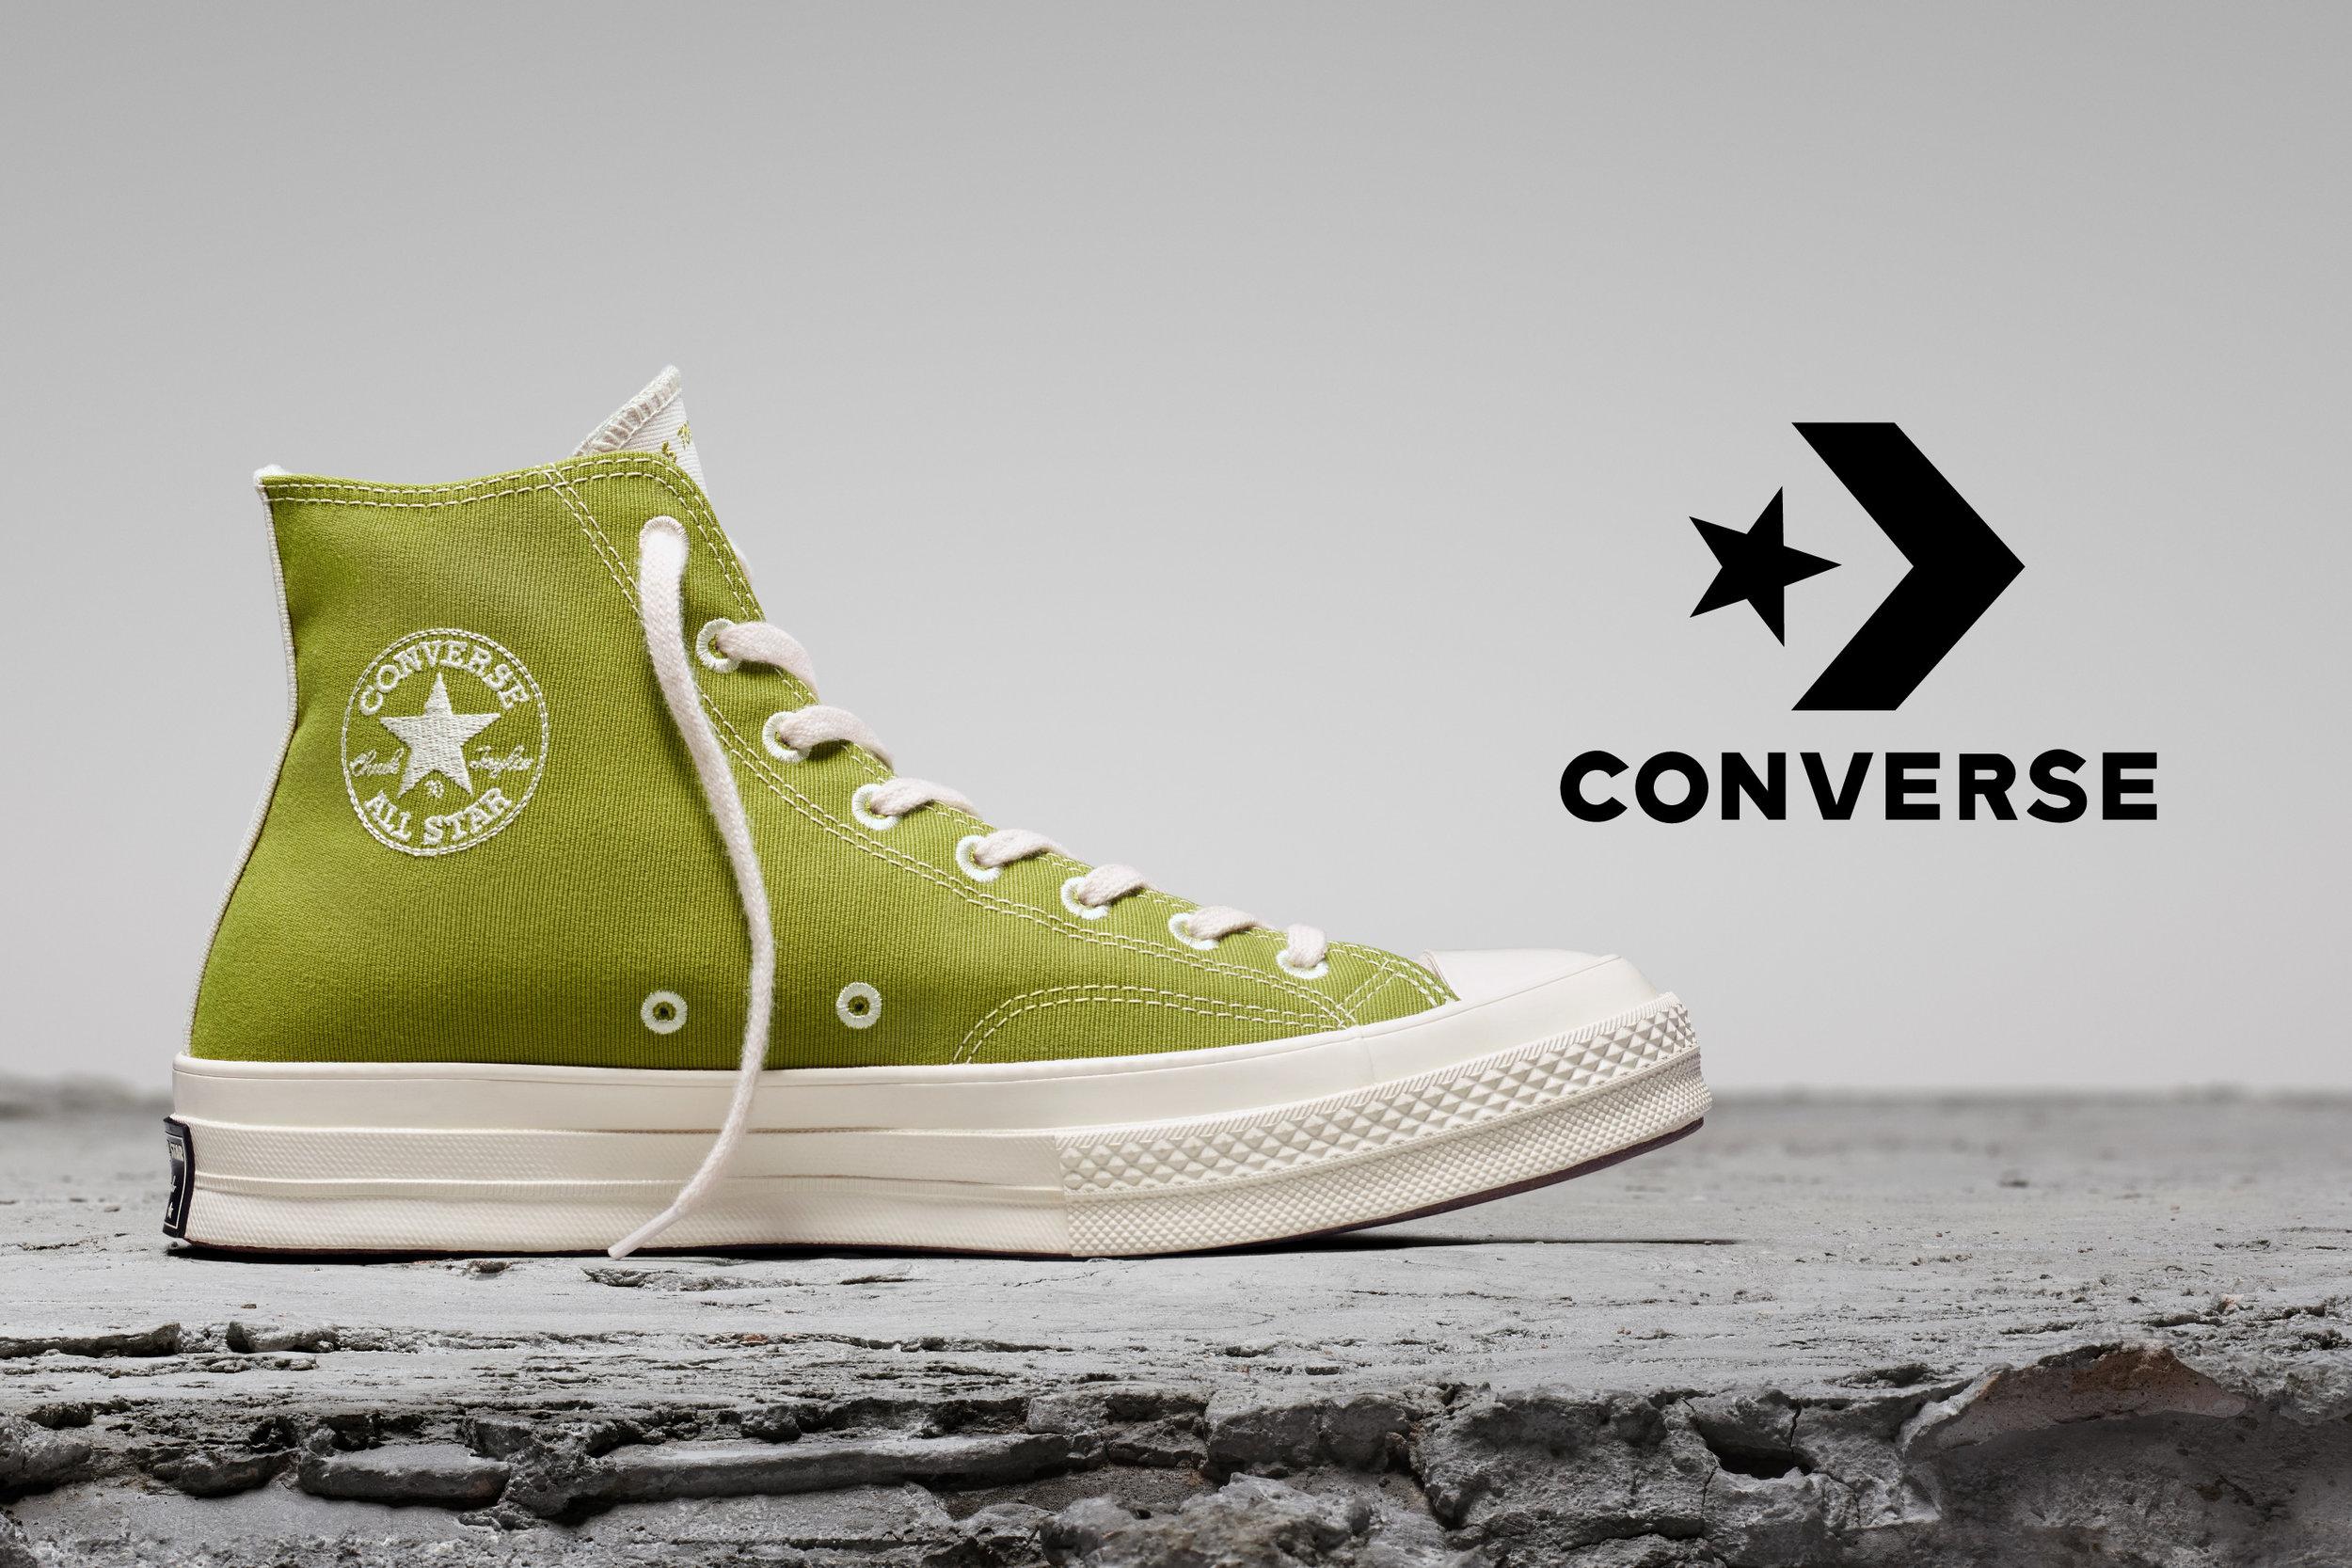 converse first